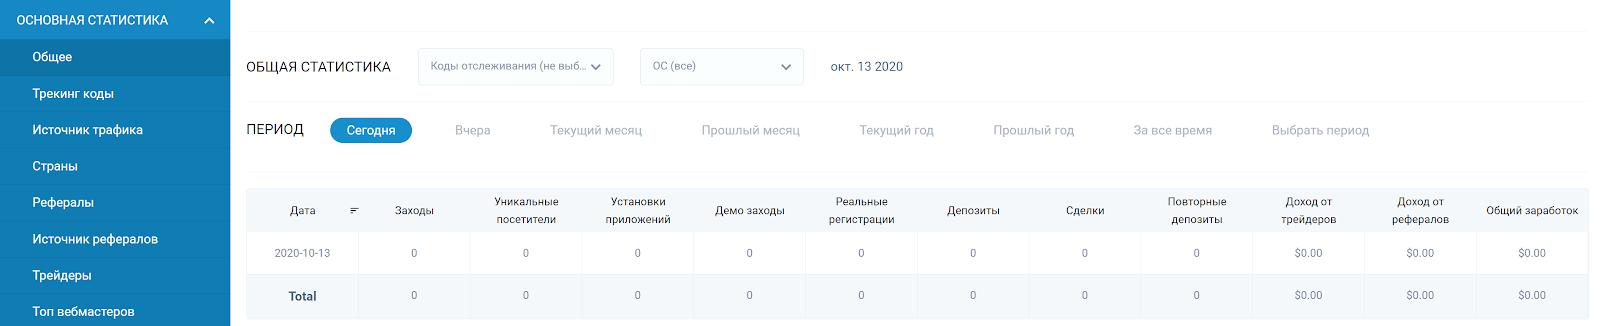 http://affiliatebiz.ru/Picture2.png